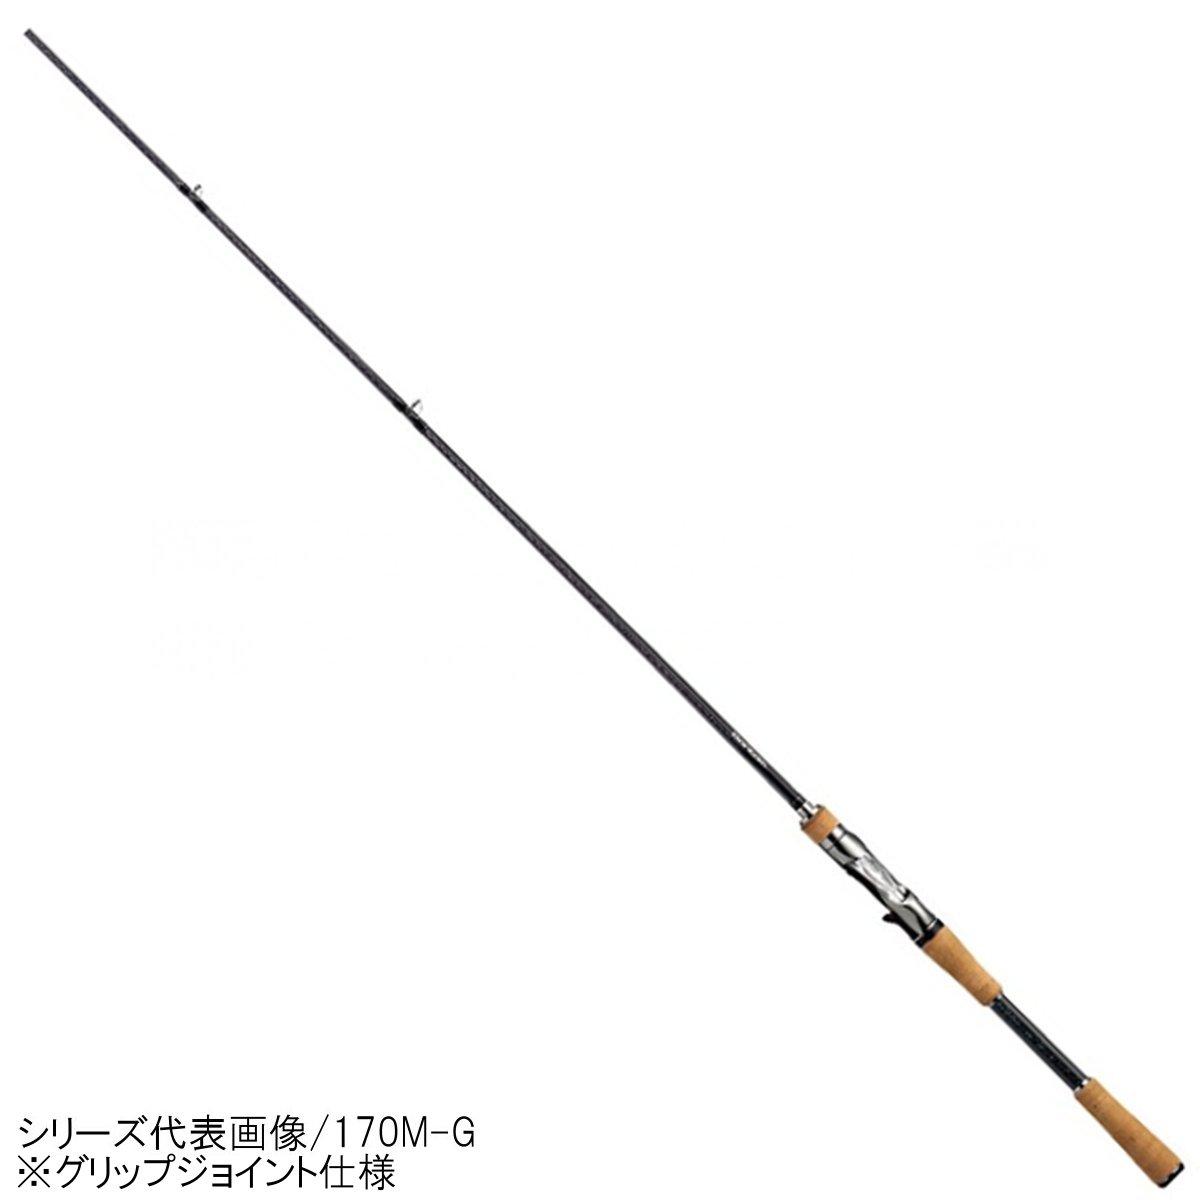 シマノ バンタム(ベイト) 174MH-G【送料無料】